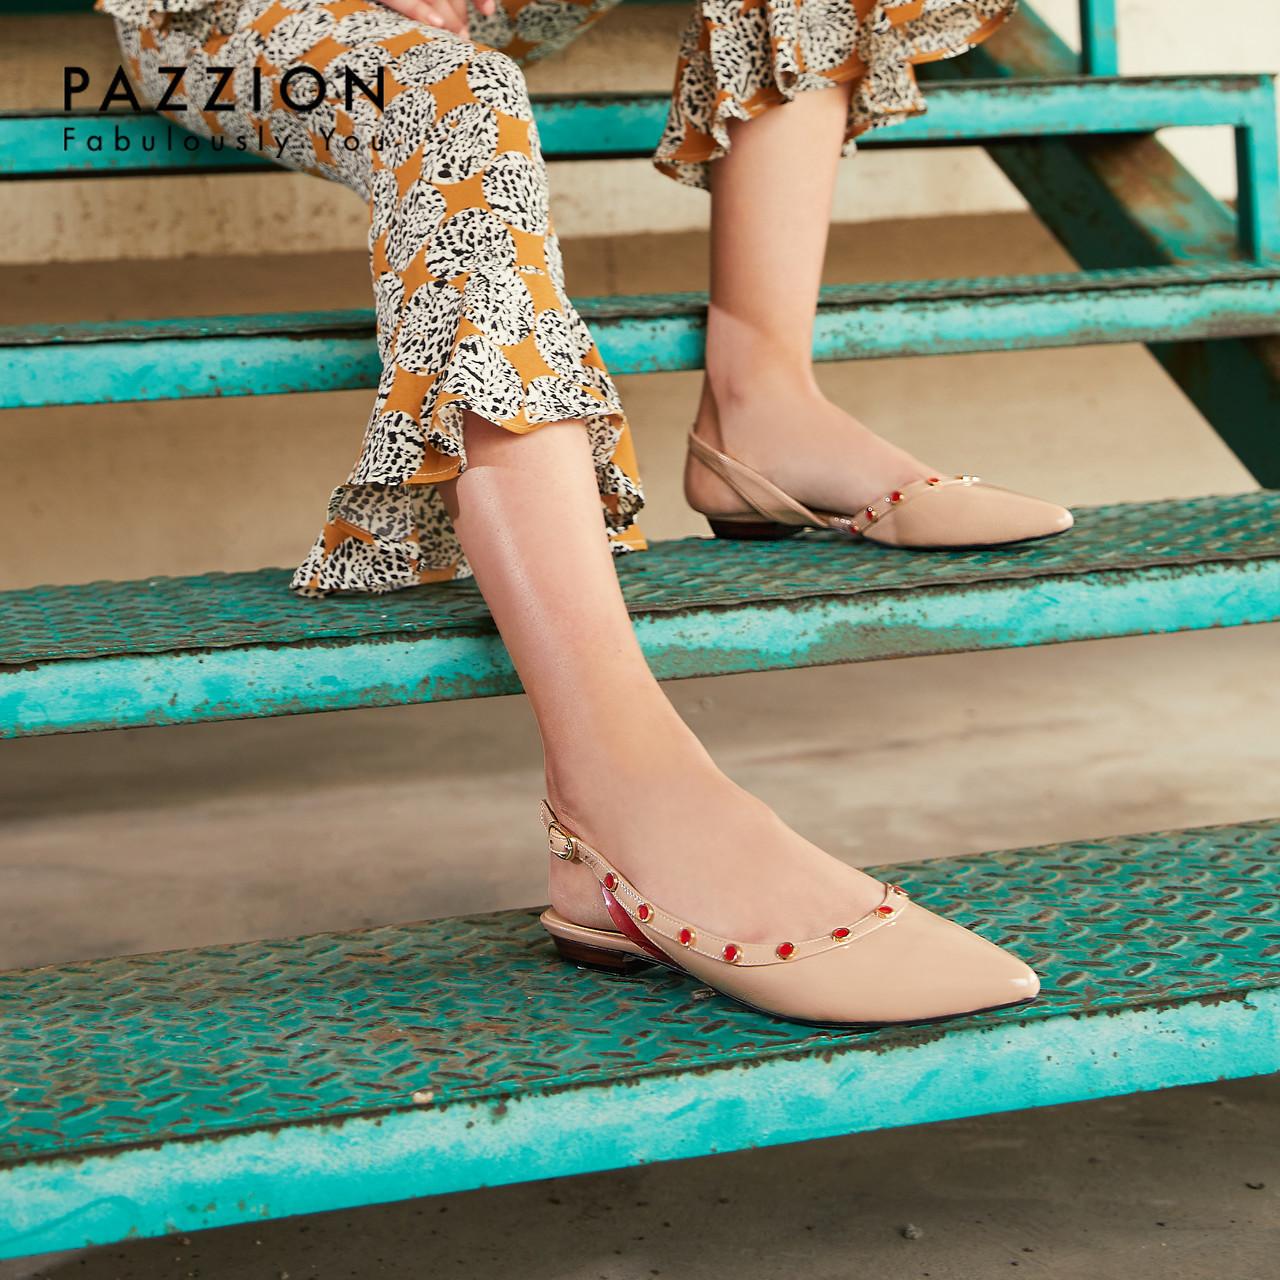 PAZZION尖头铆钉侧后空一字带扣凉鞋女2019新款 时尚水钻漆皮单鞋